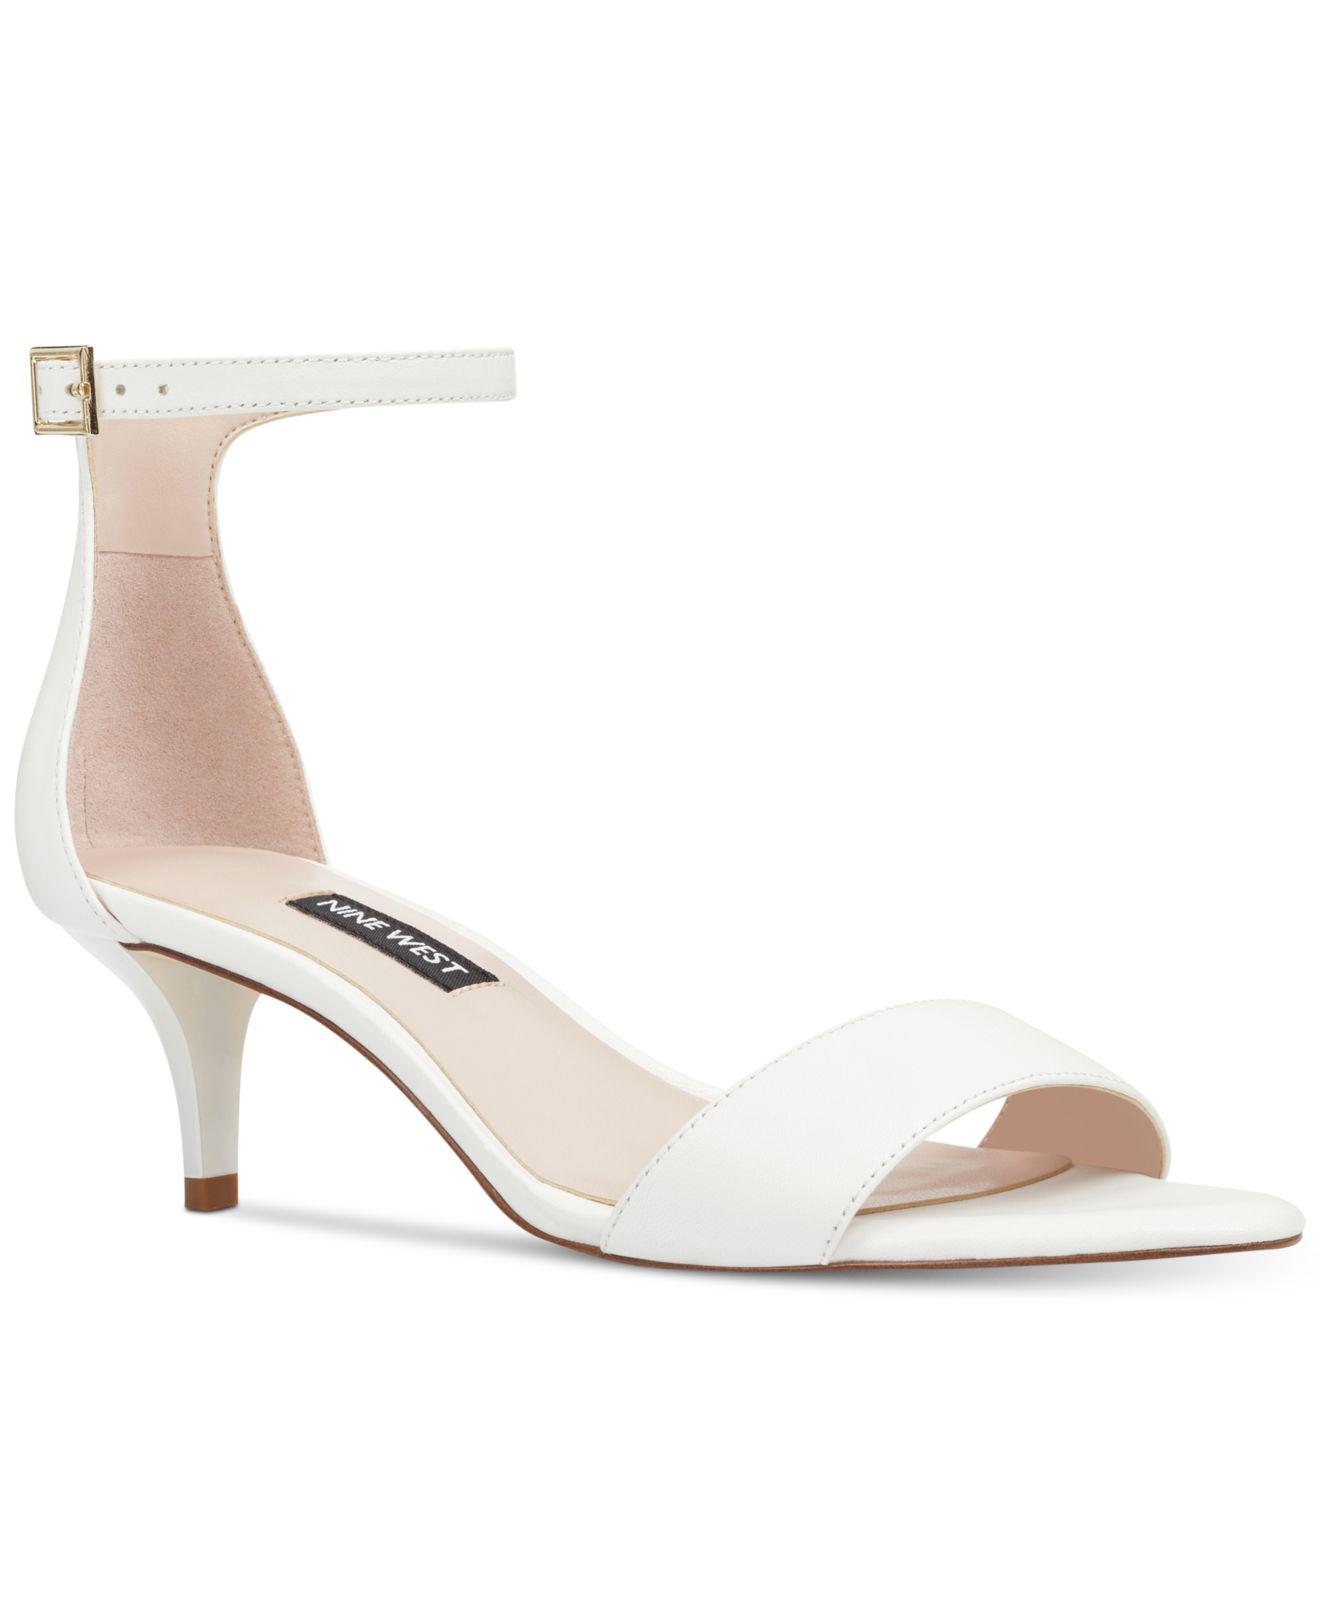 Nine West Leisa Two-Piece Kitten Heel Sandals Women's Shoes